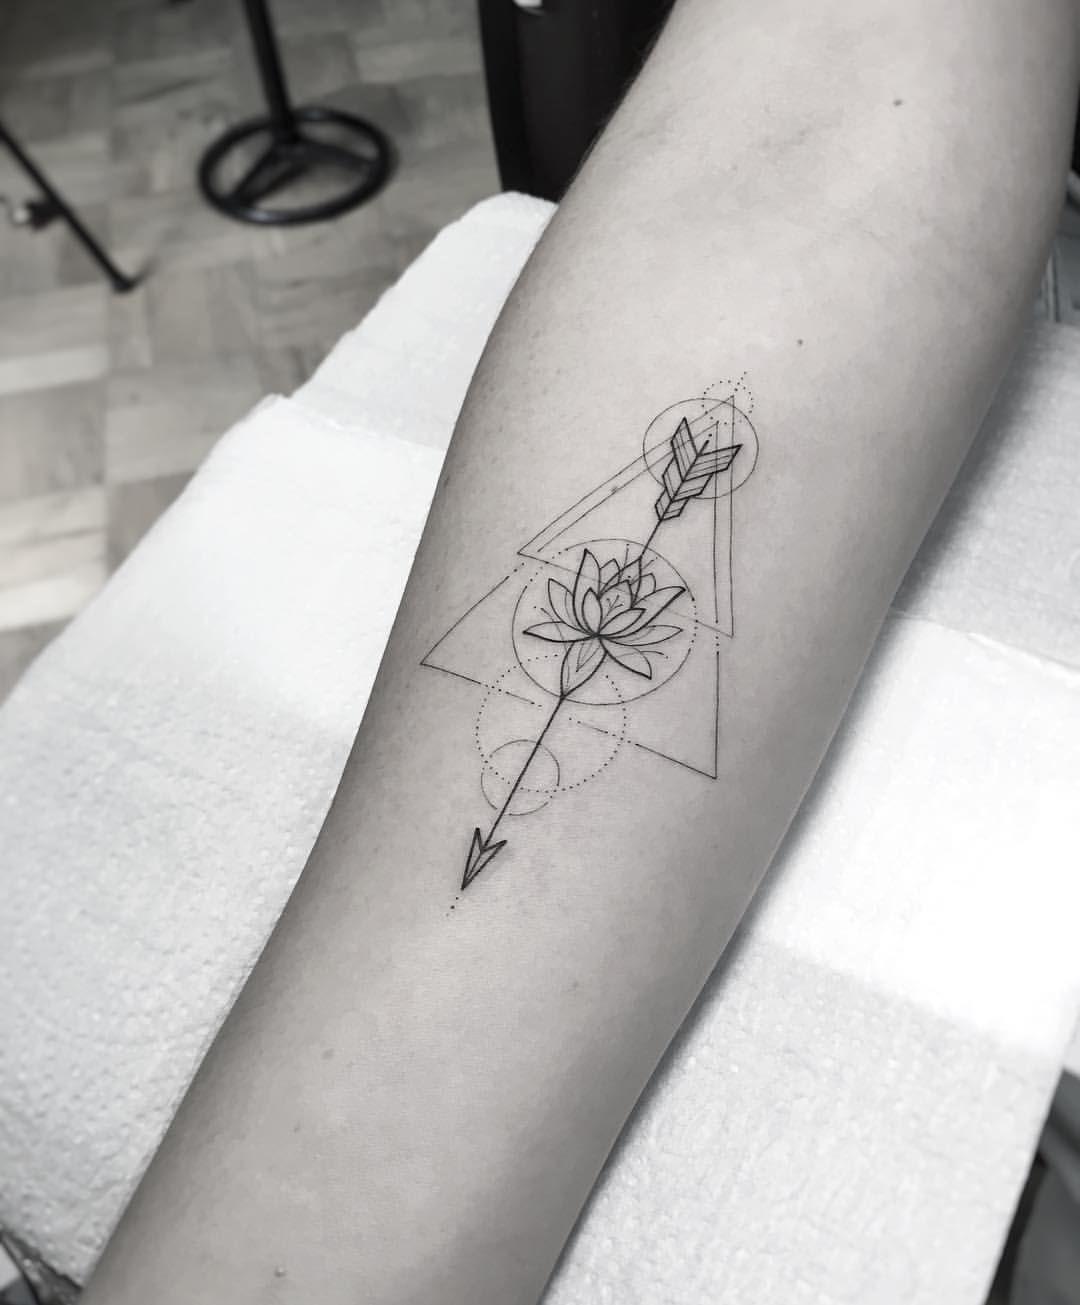 Significado De Tatuajes De Flechas Con Triangulos (105)